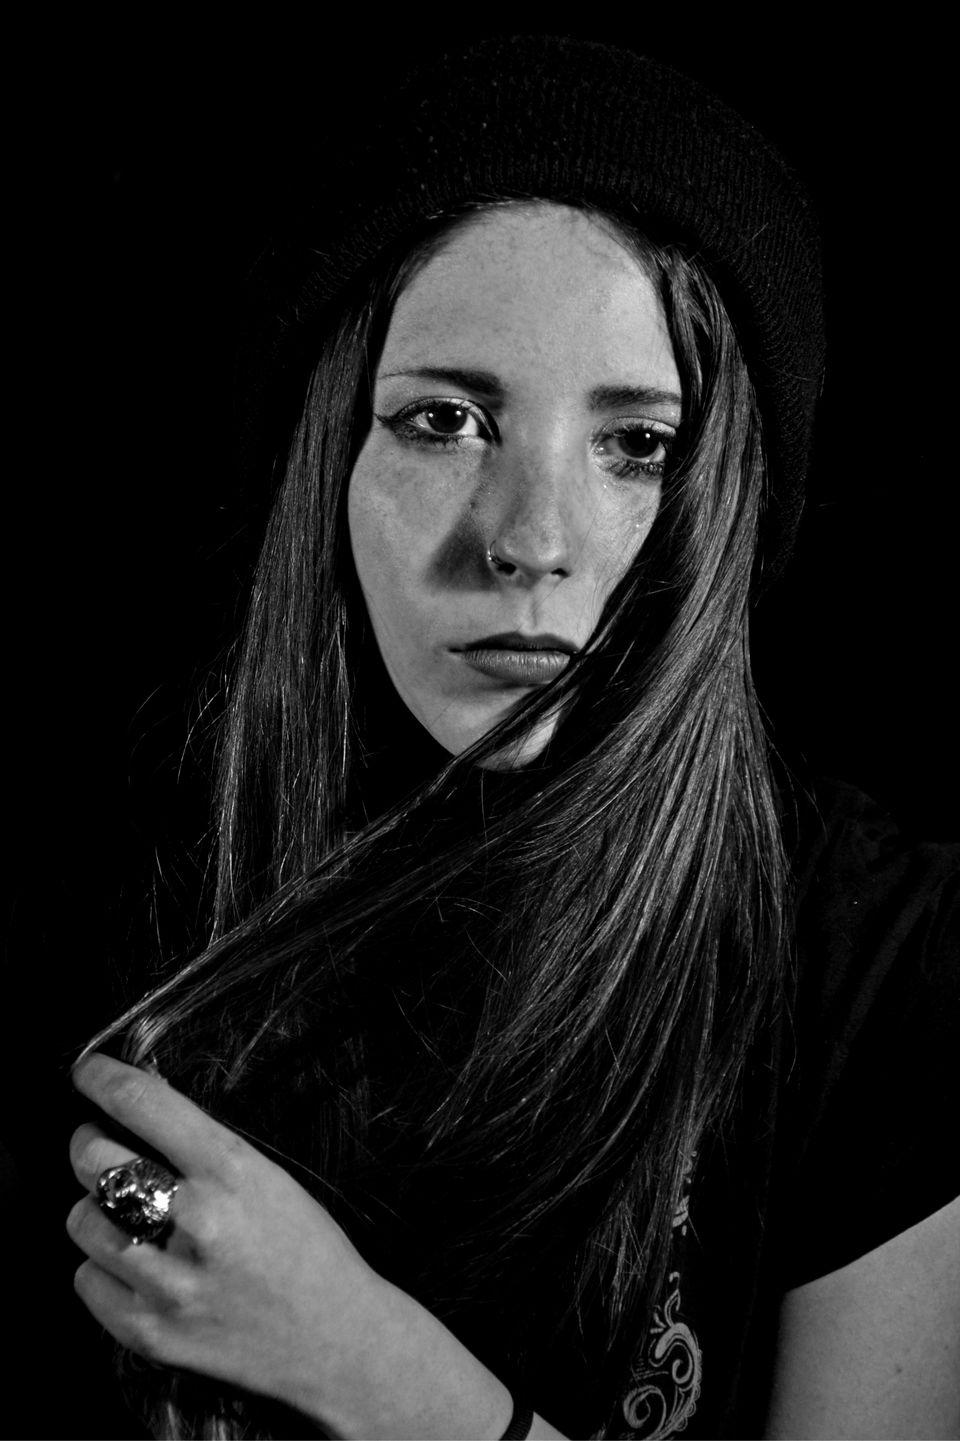 Foto 626. Eleonora Cadeddu. Non si raggiungono i